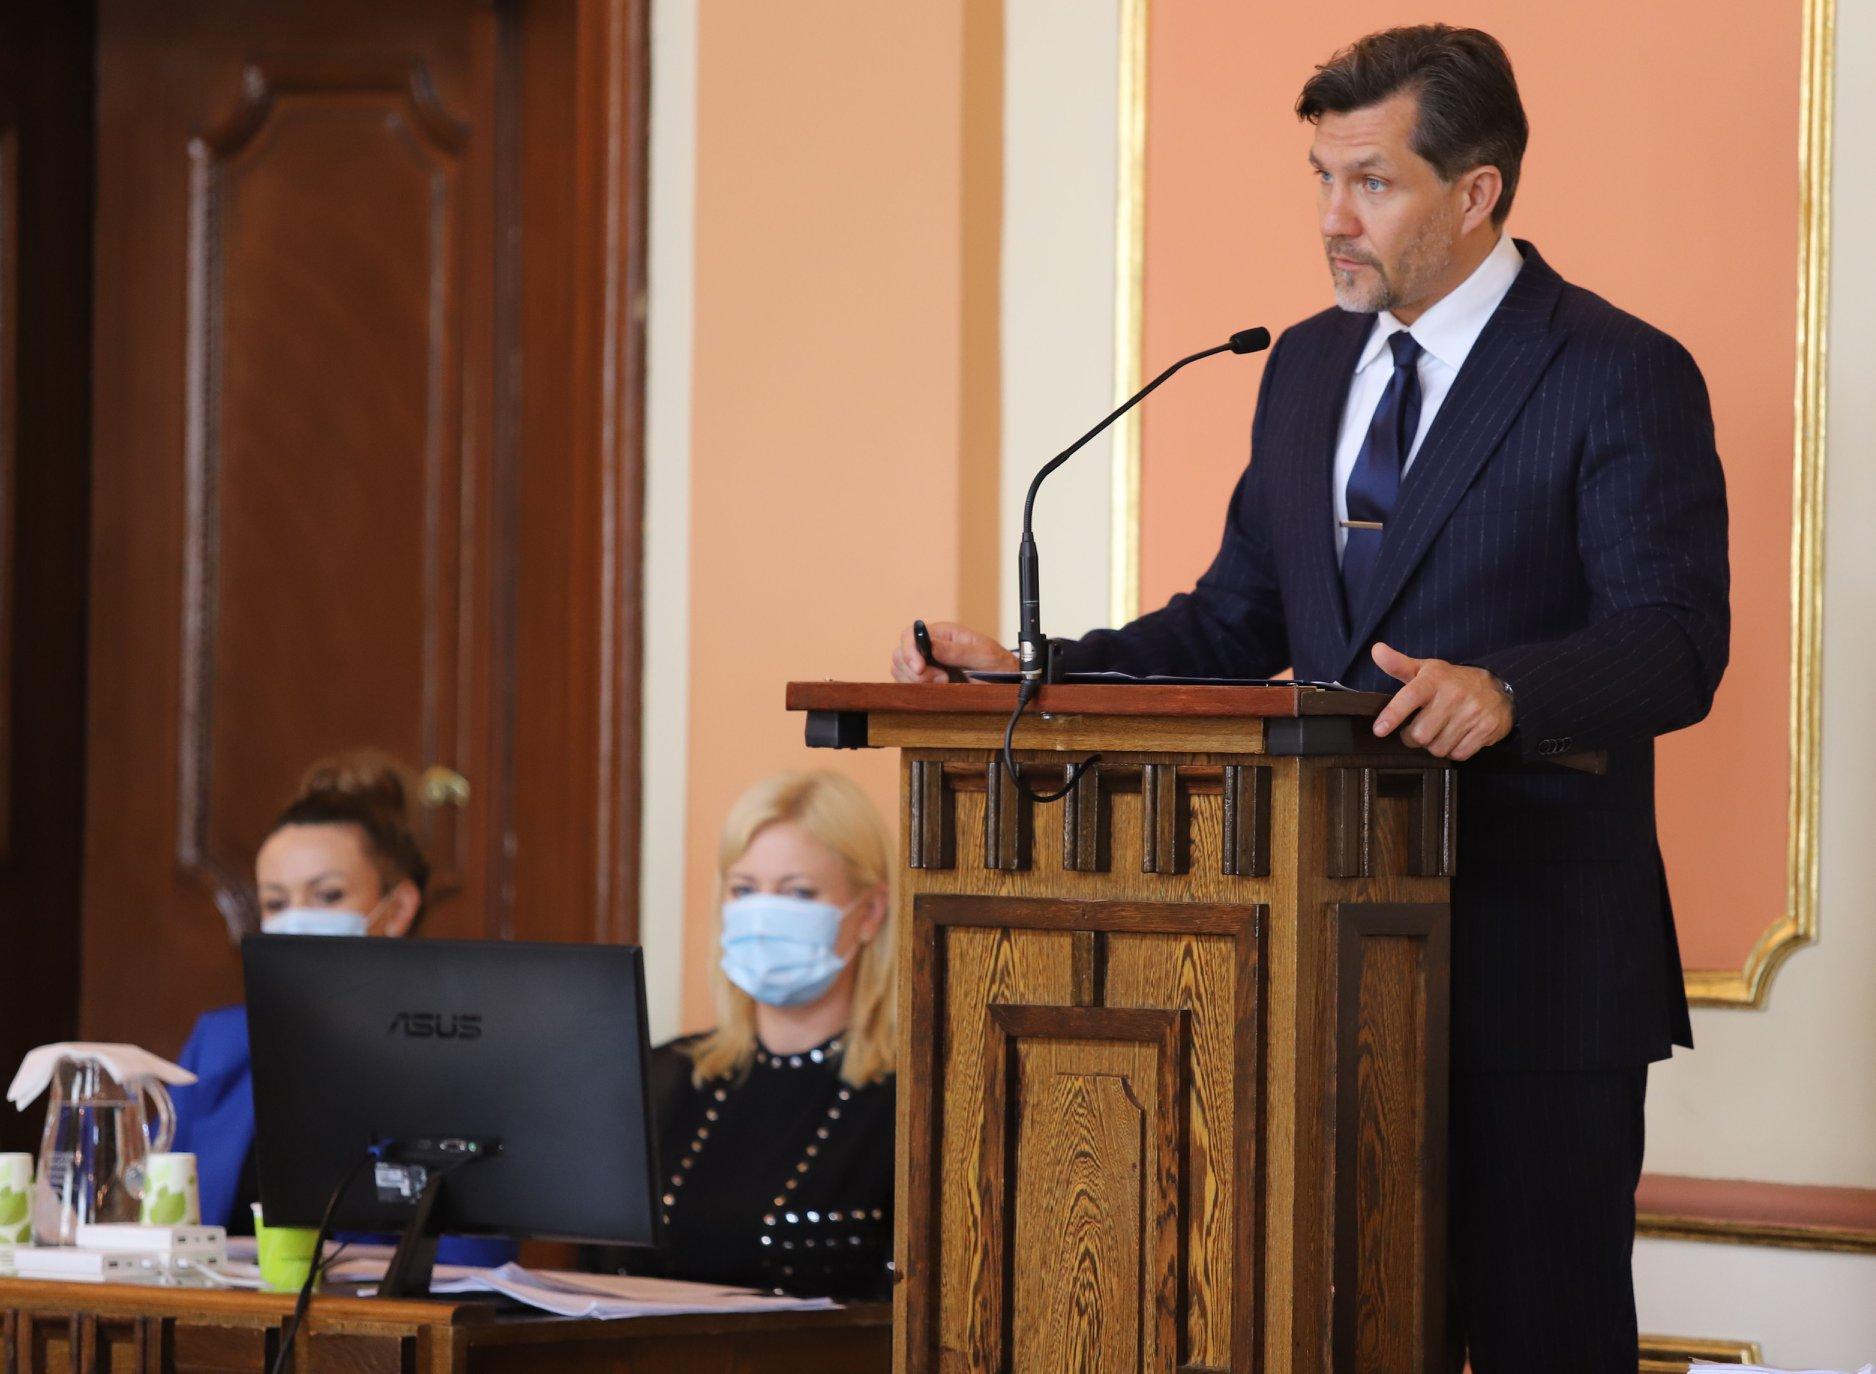 Krystian Kinastowski - Prezydent Kalisza - Krystian Kinastowski - Prezydent Kalisza